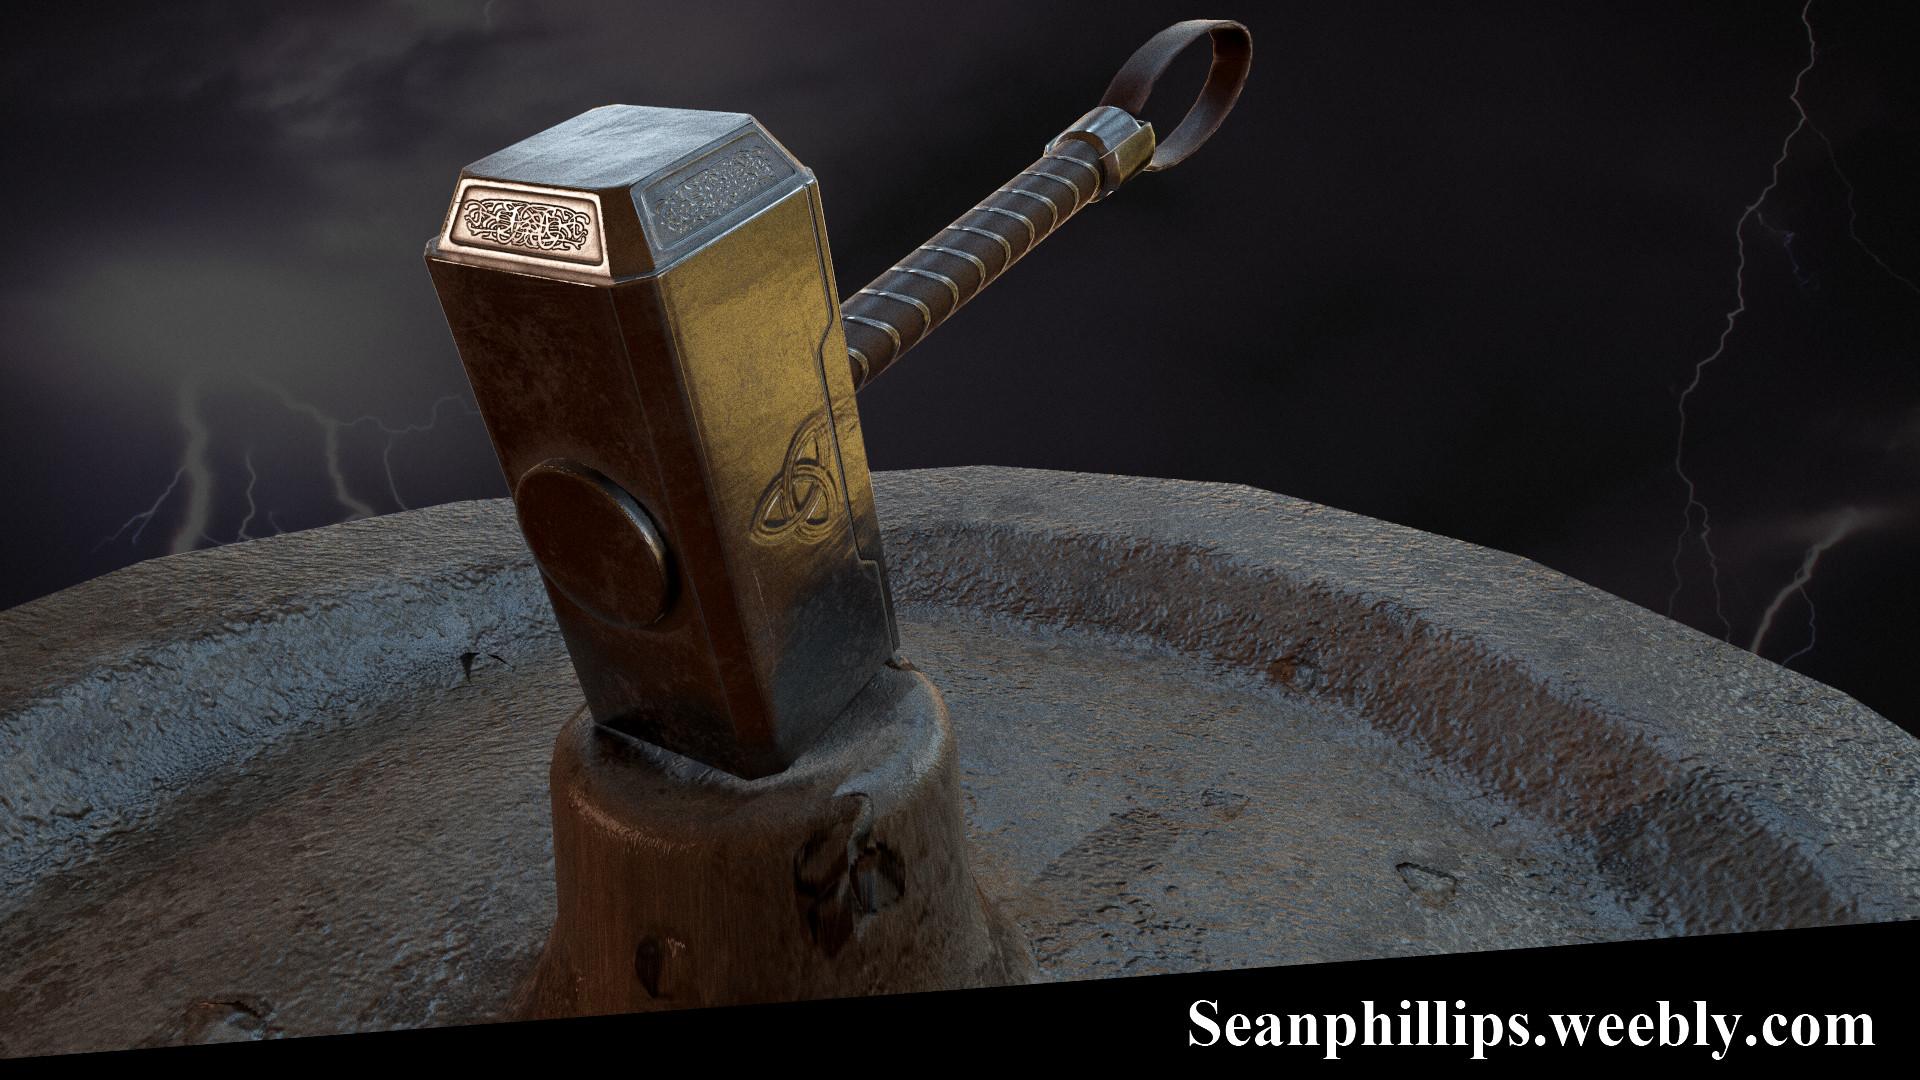 Sean phillips hammer 0001